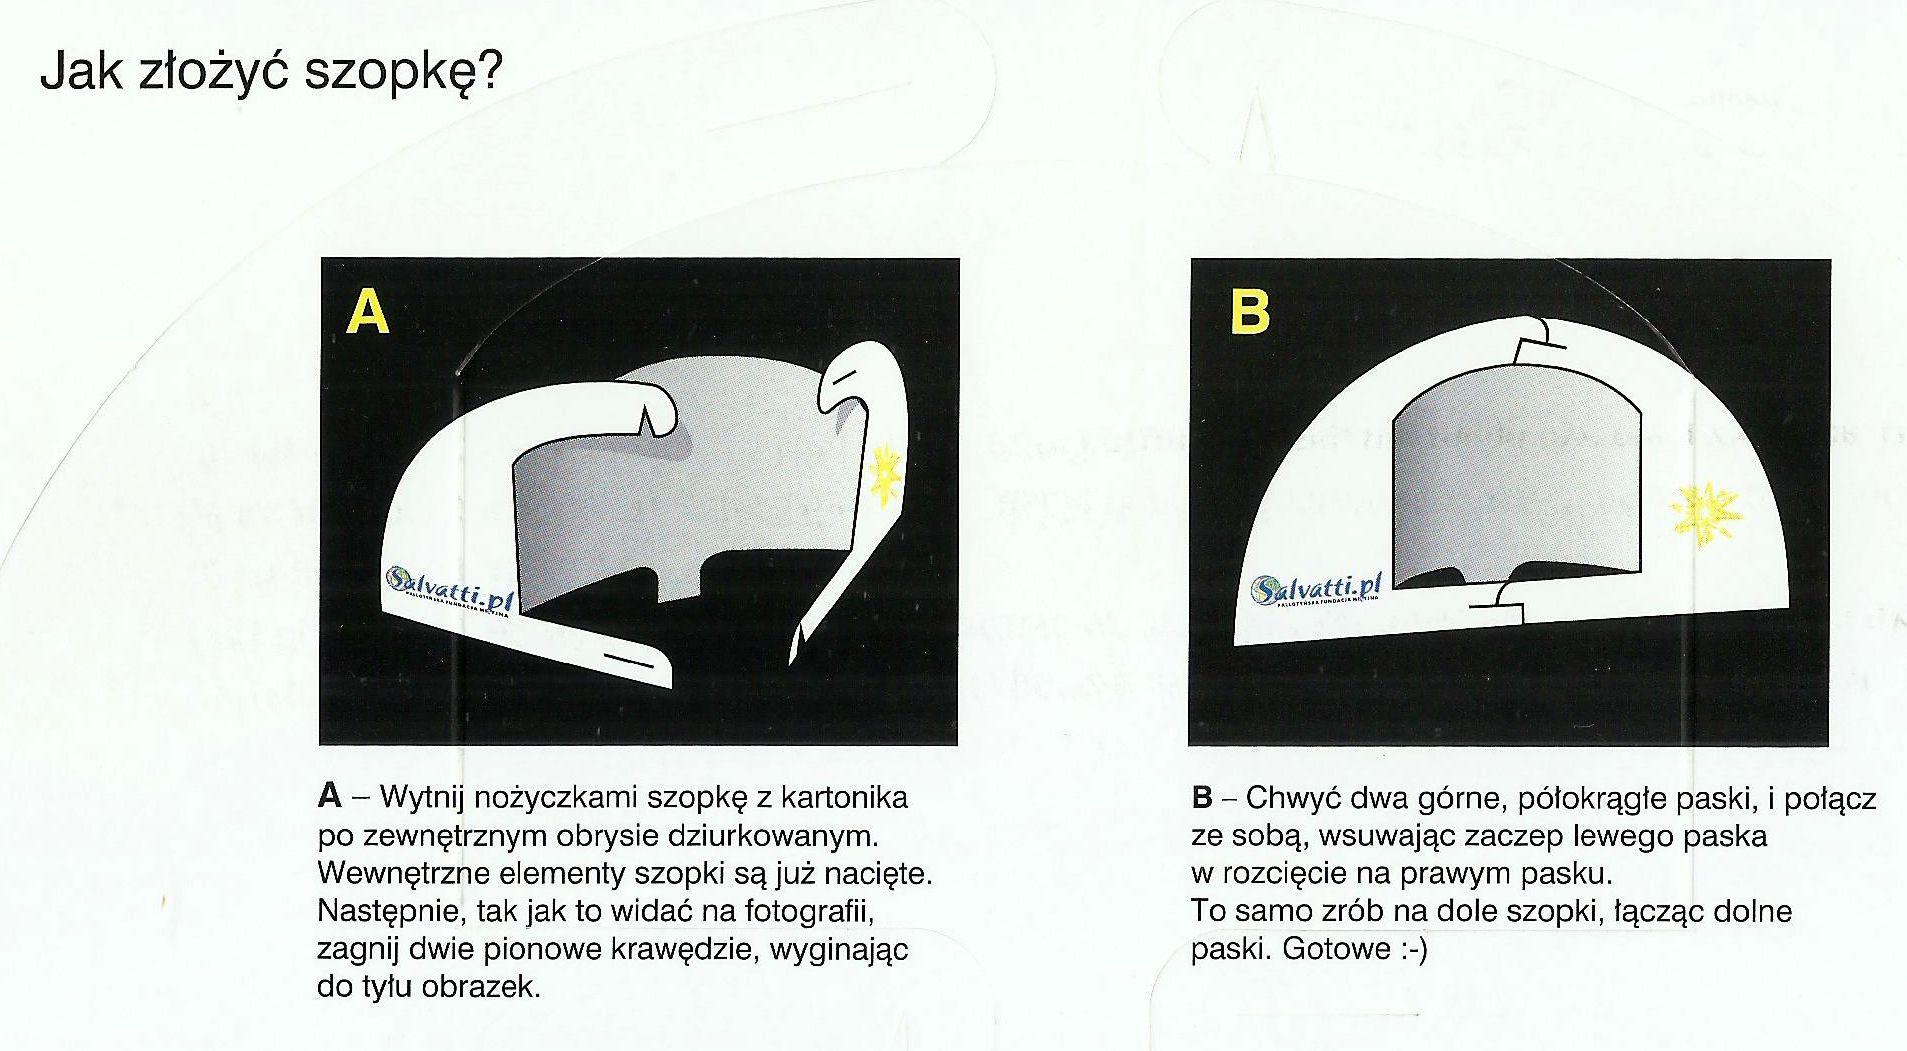 4. jakzłożyć szopkę